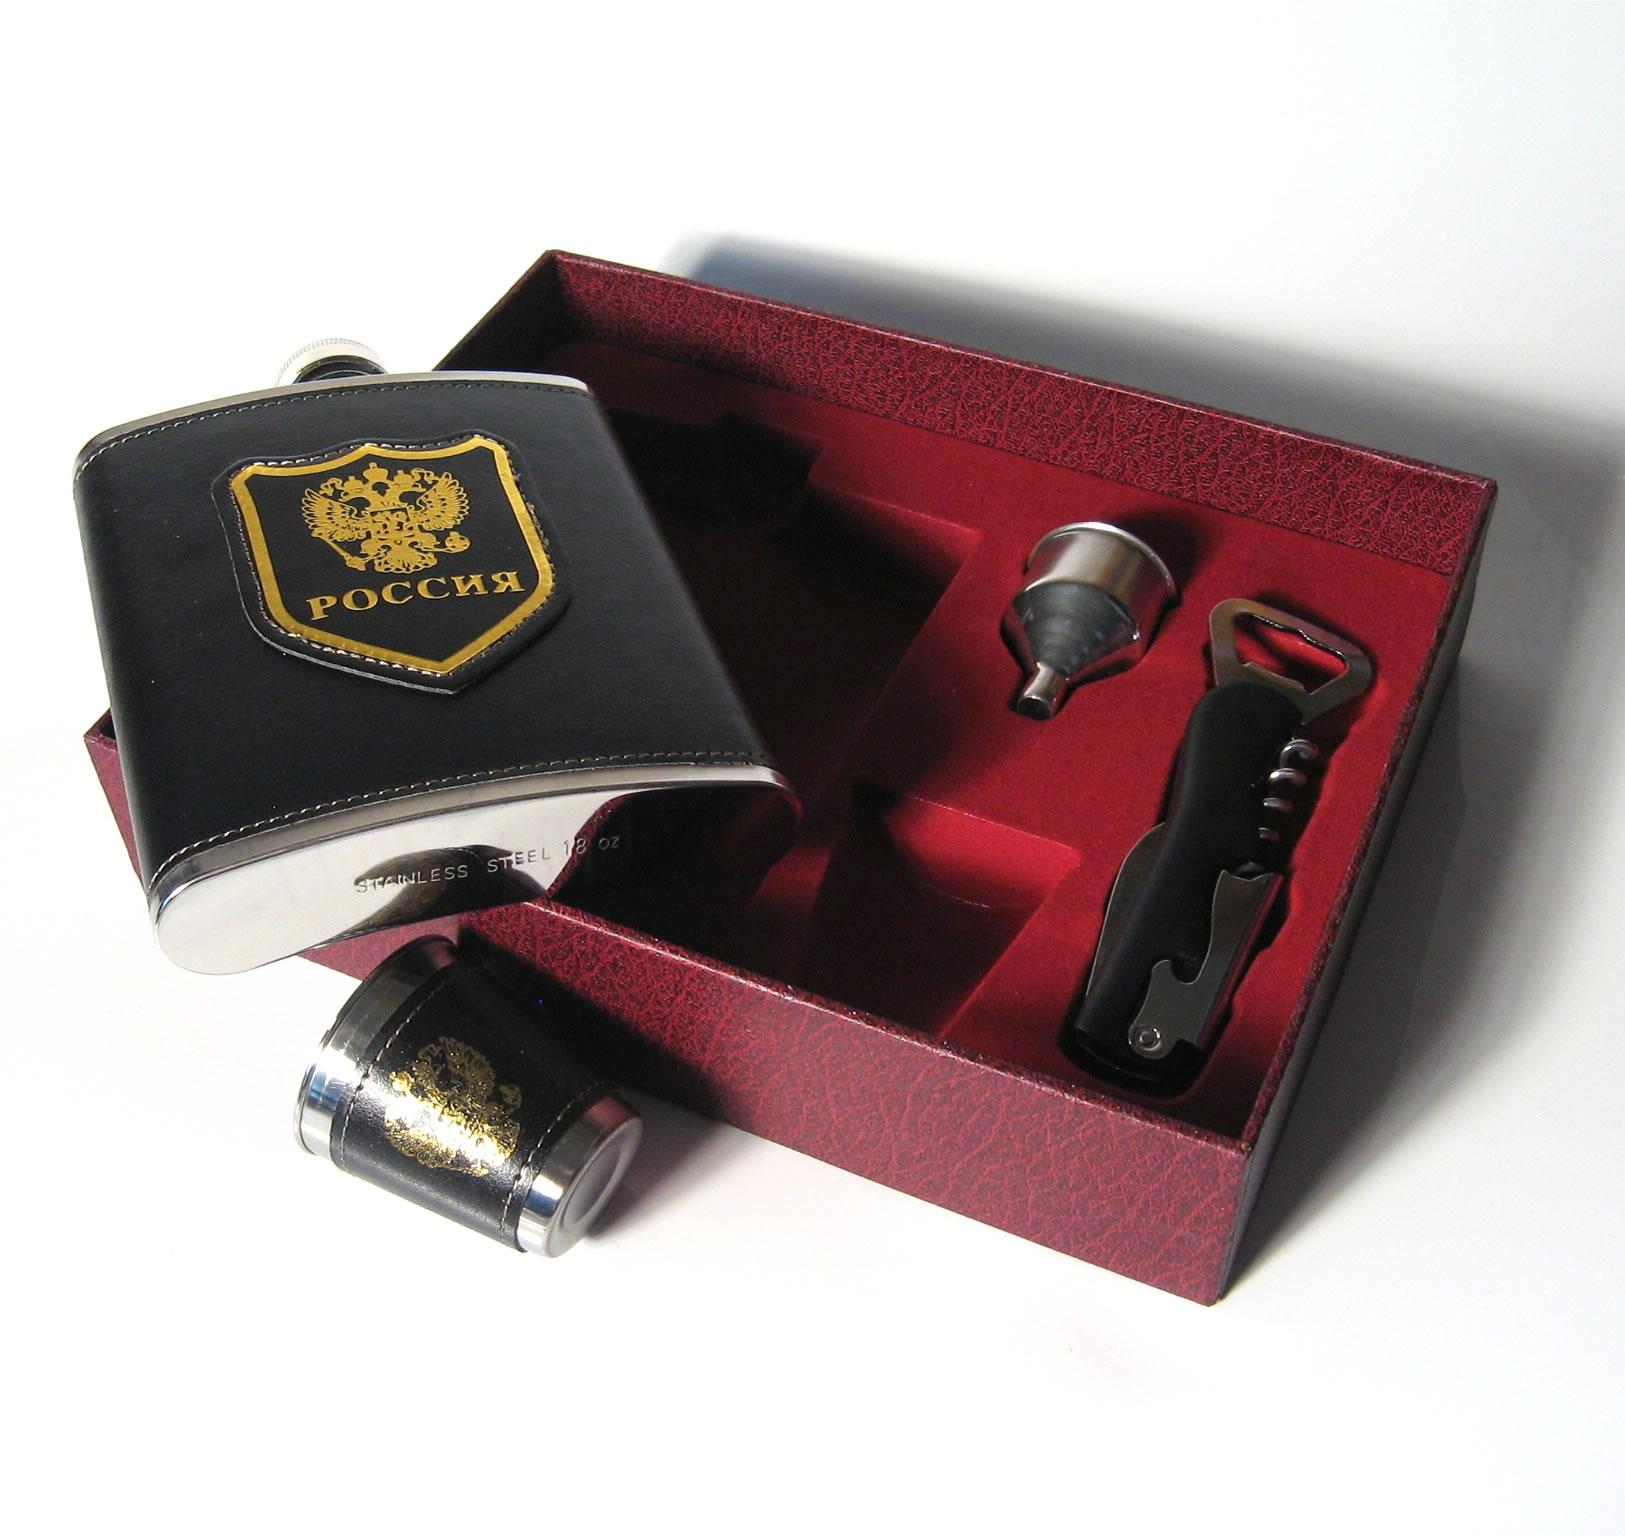 Сбор заказов: Много полезных и нужных вещей: кошельки, часы, зажигалки и многое другое. Распродажа!!! Просто загляните!!!